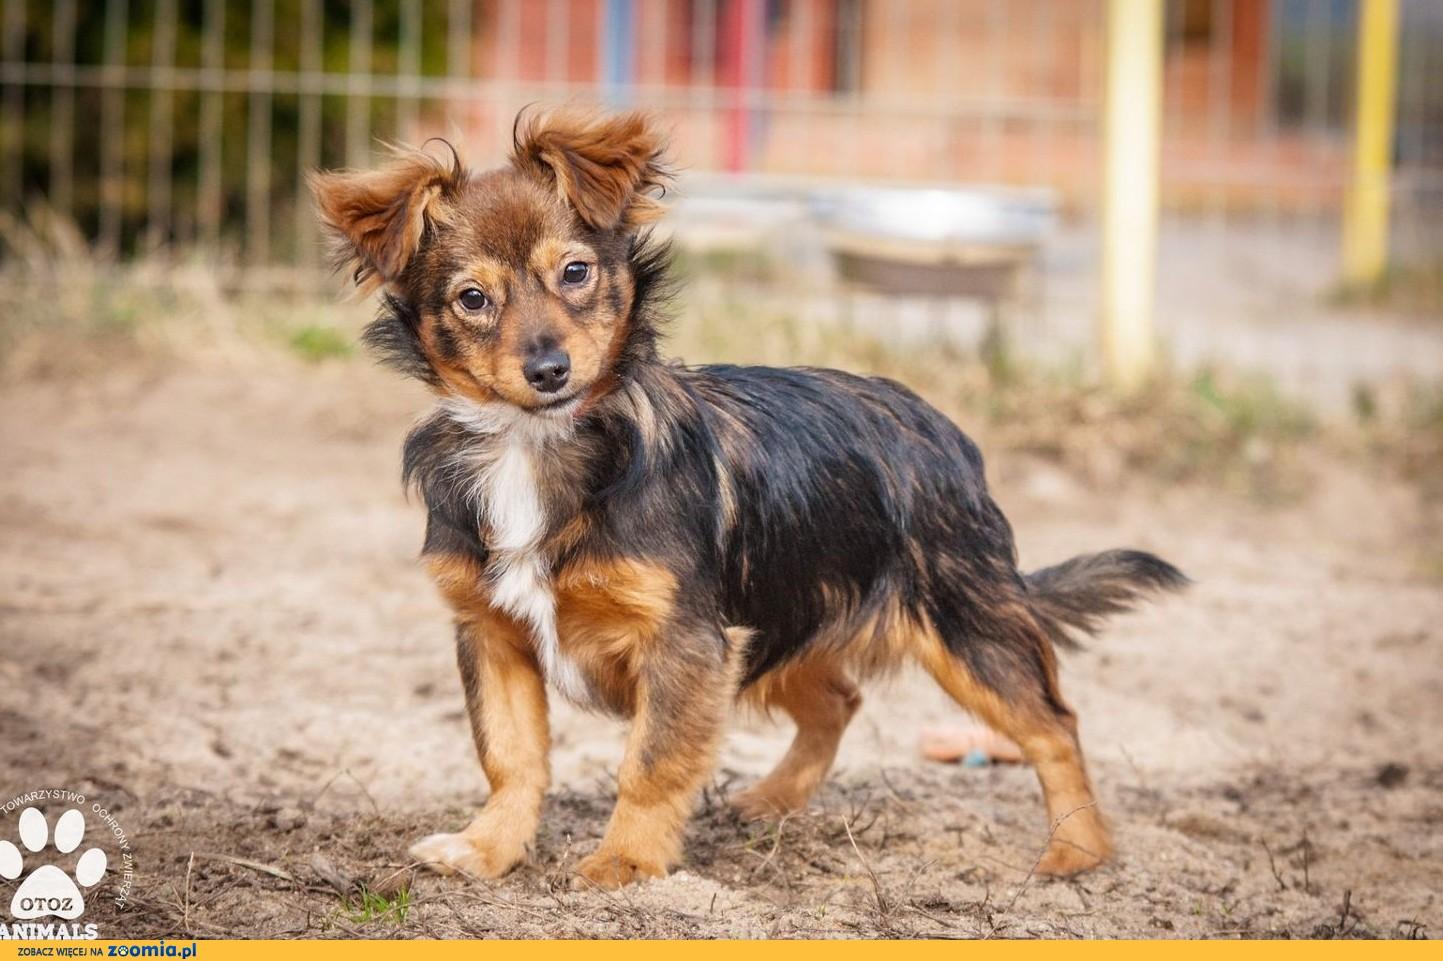 OTOZ Animals - Arczi - kochany, rozbrykany szczeniak szuka super domku